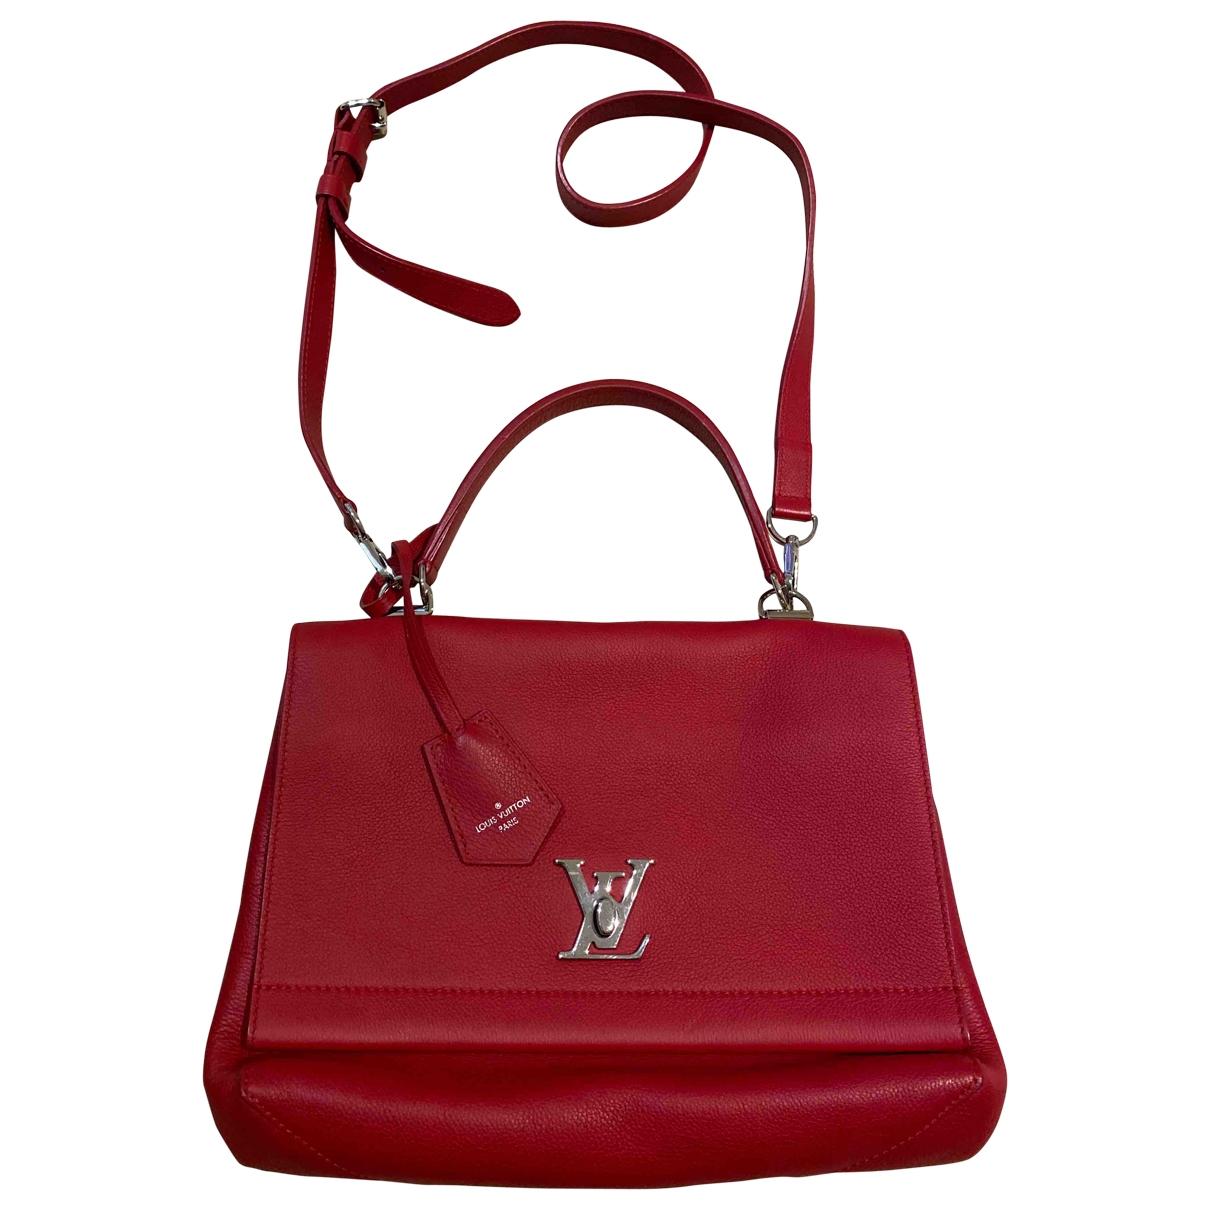 Louis Vuitton - Sac a main Lockme pour femme en cuir - rouge